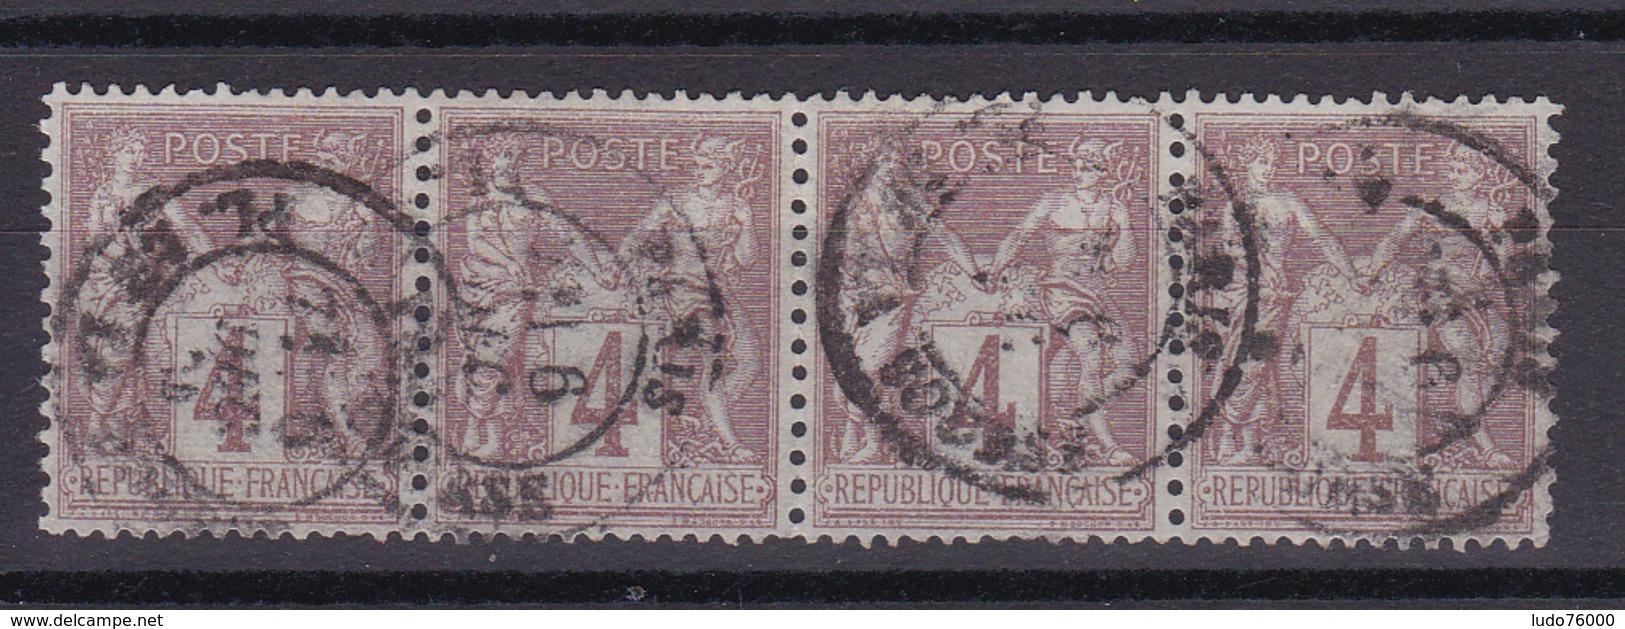 D335/ SAGE N° 88 OBL / BANDE DE 4 - 1876-1898 Sage (Type II)